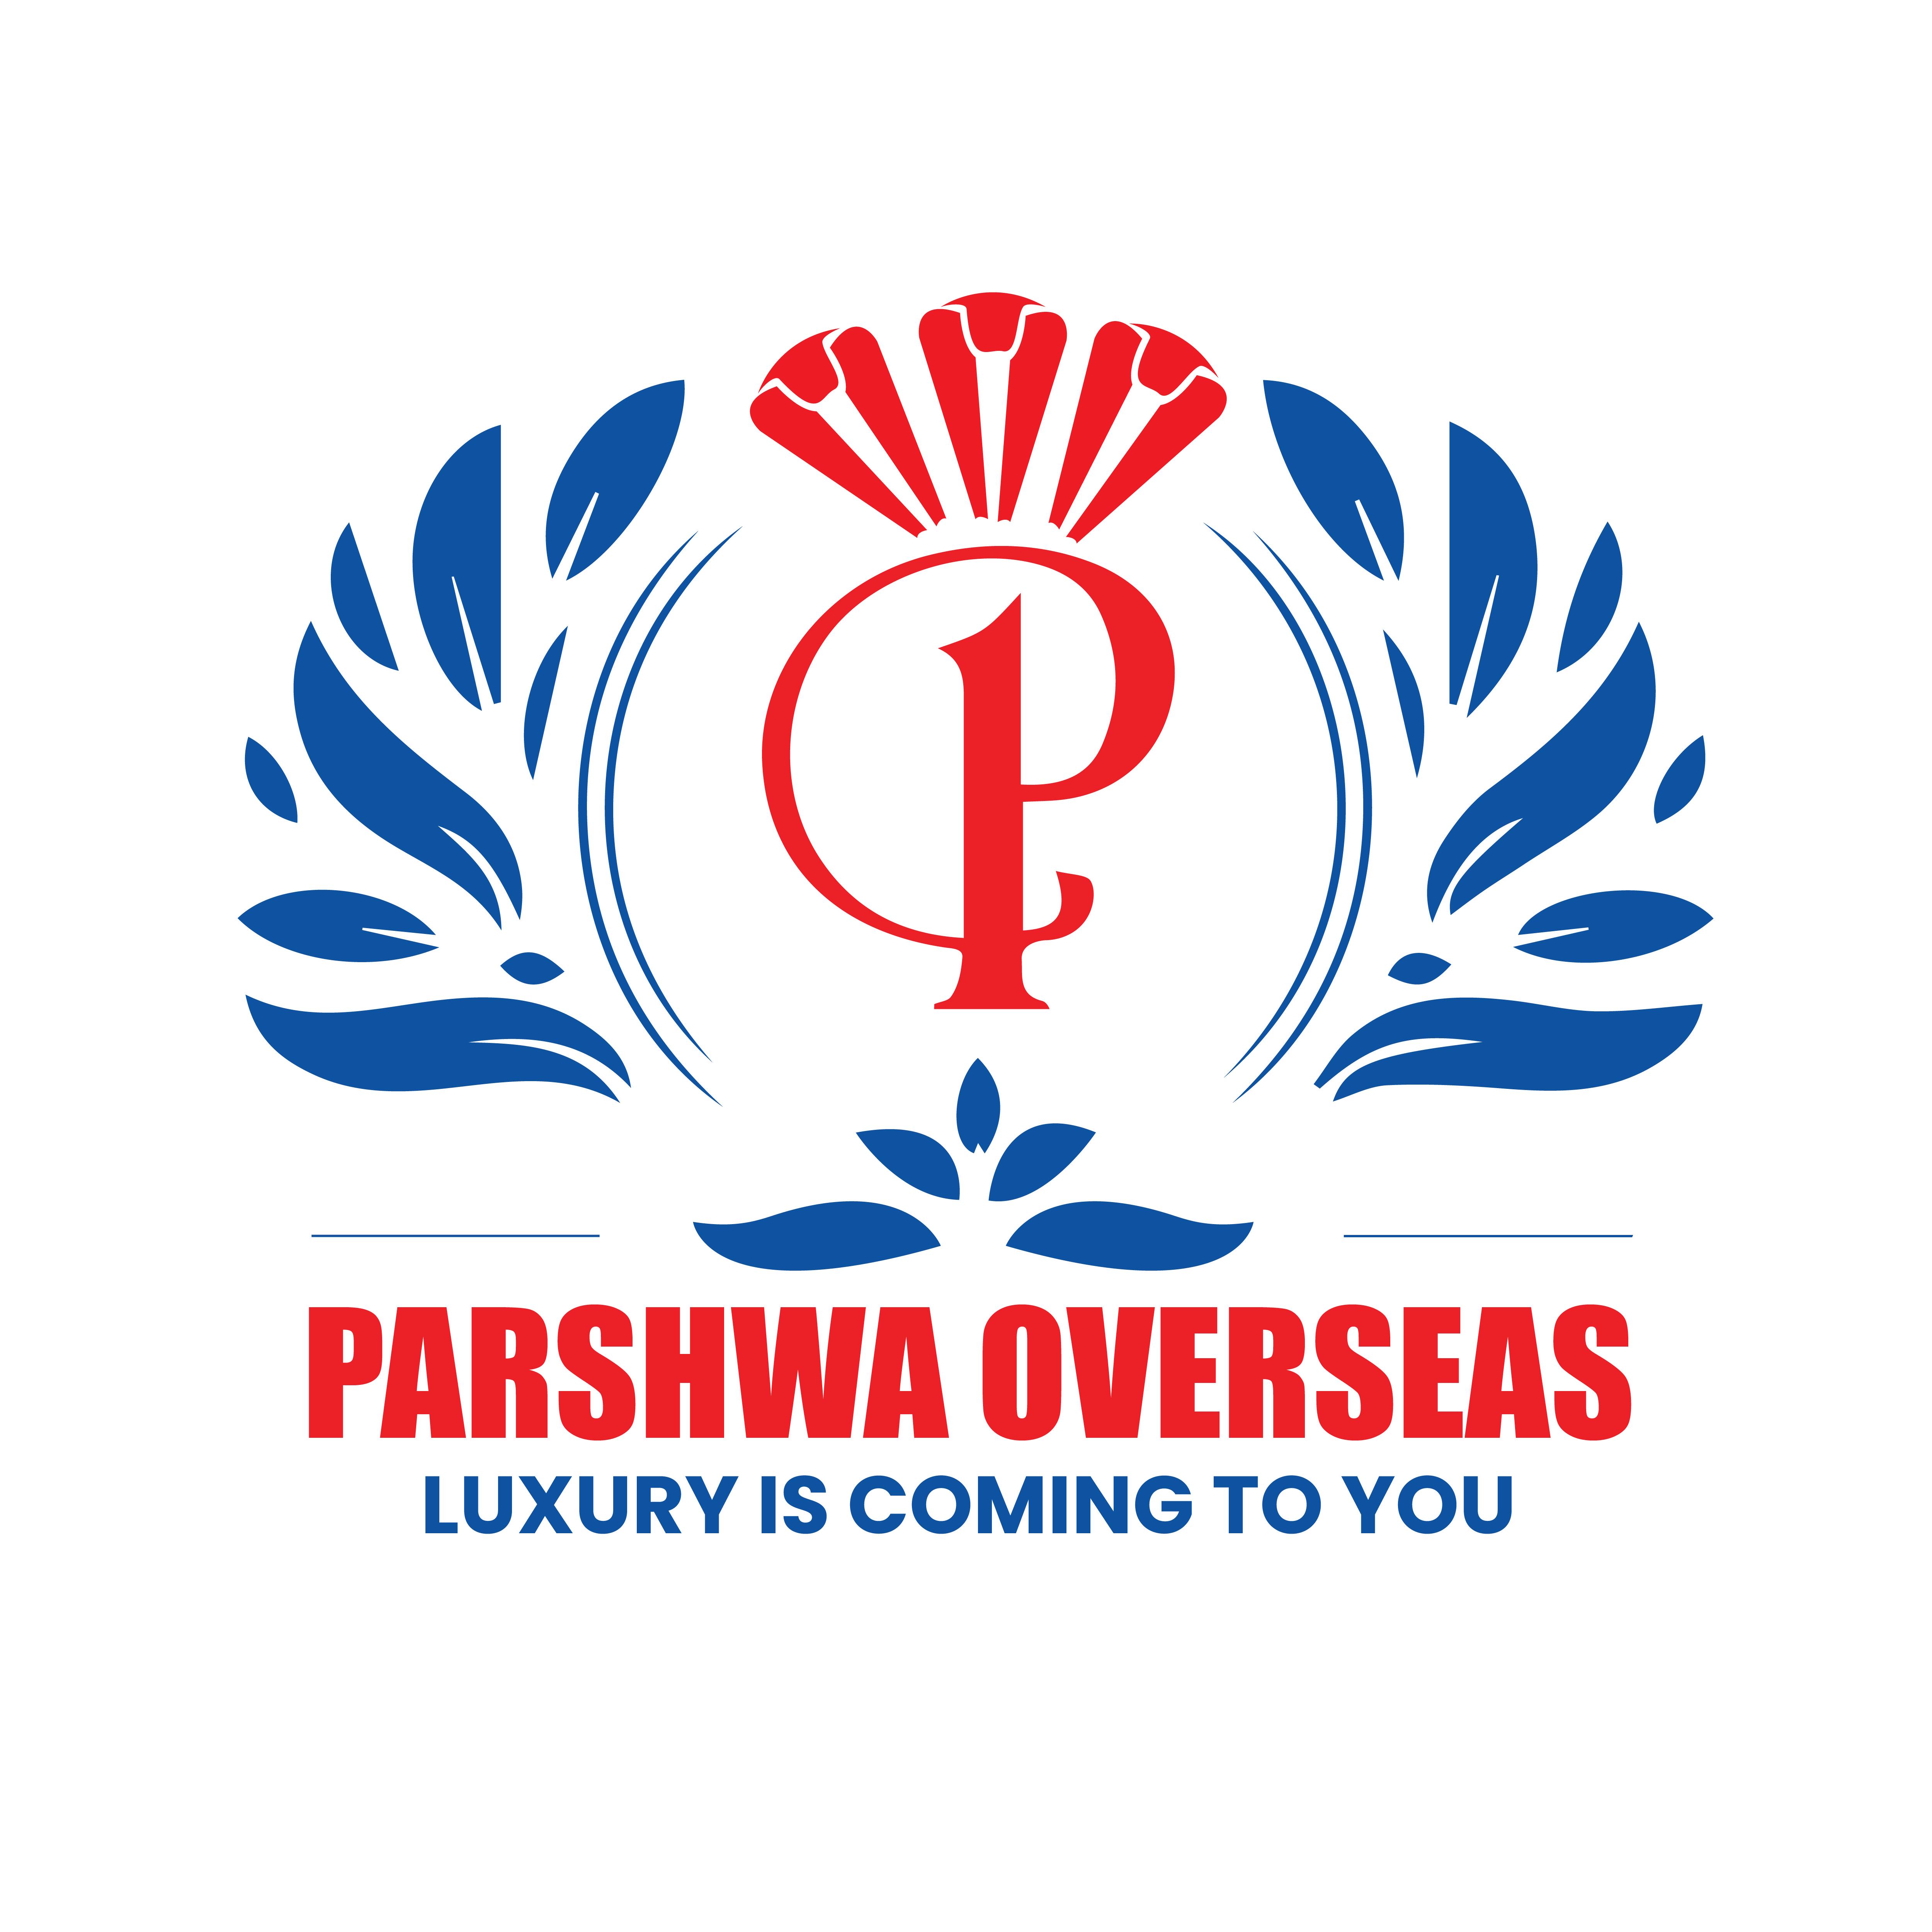 PARSHWA OVERSEAS